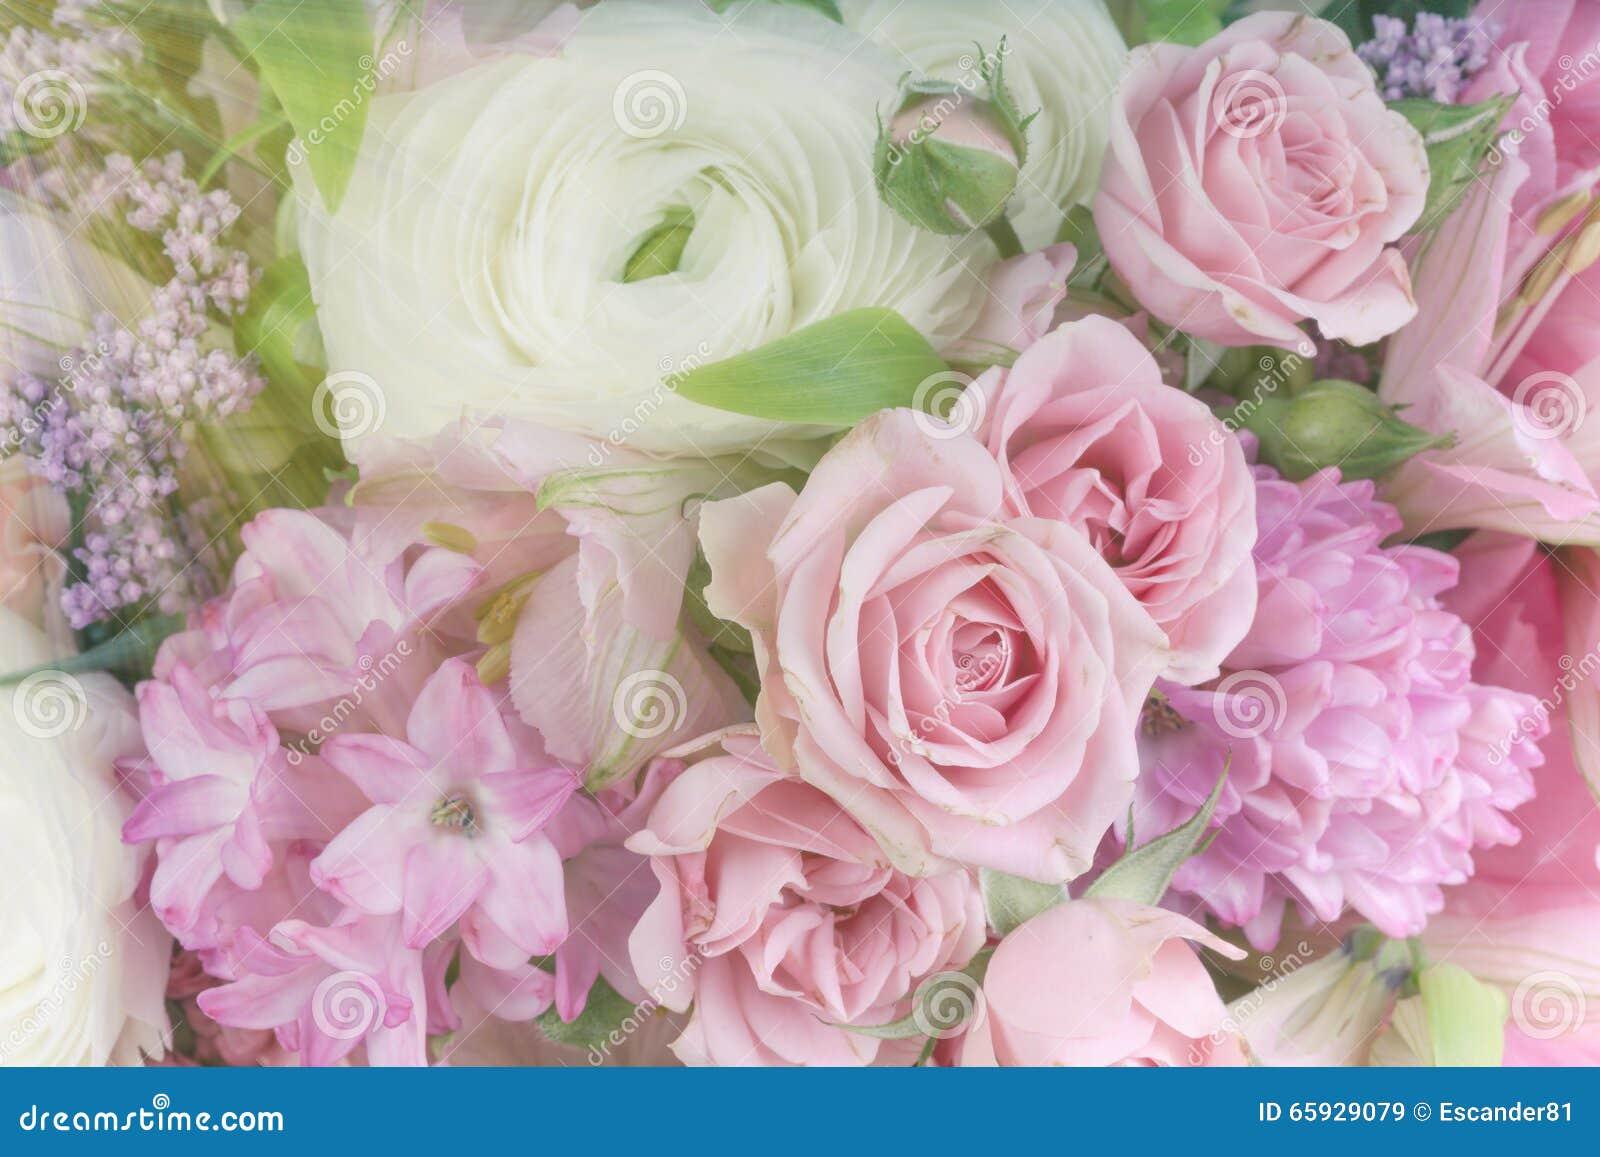 Amazing flower bouquet arrangement close up stock image image of amazing flower bouquet arrangement close up decoration arrange izmirmasajfo